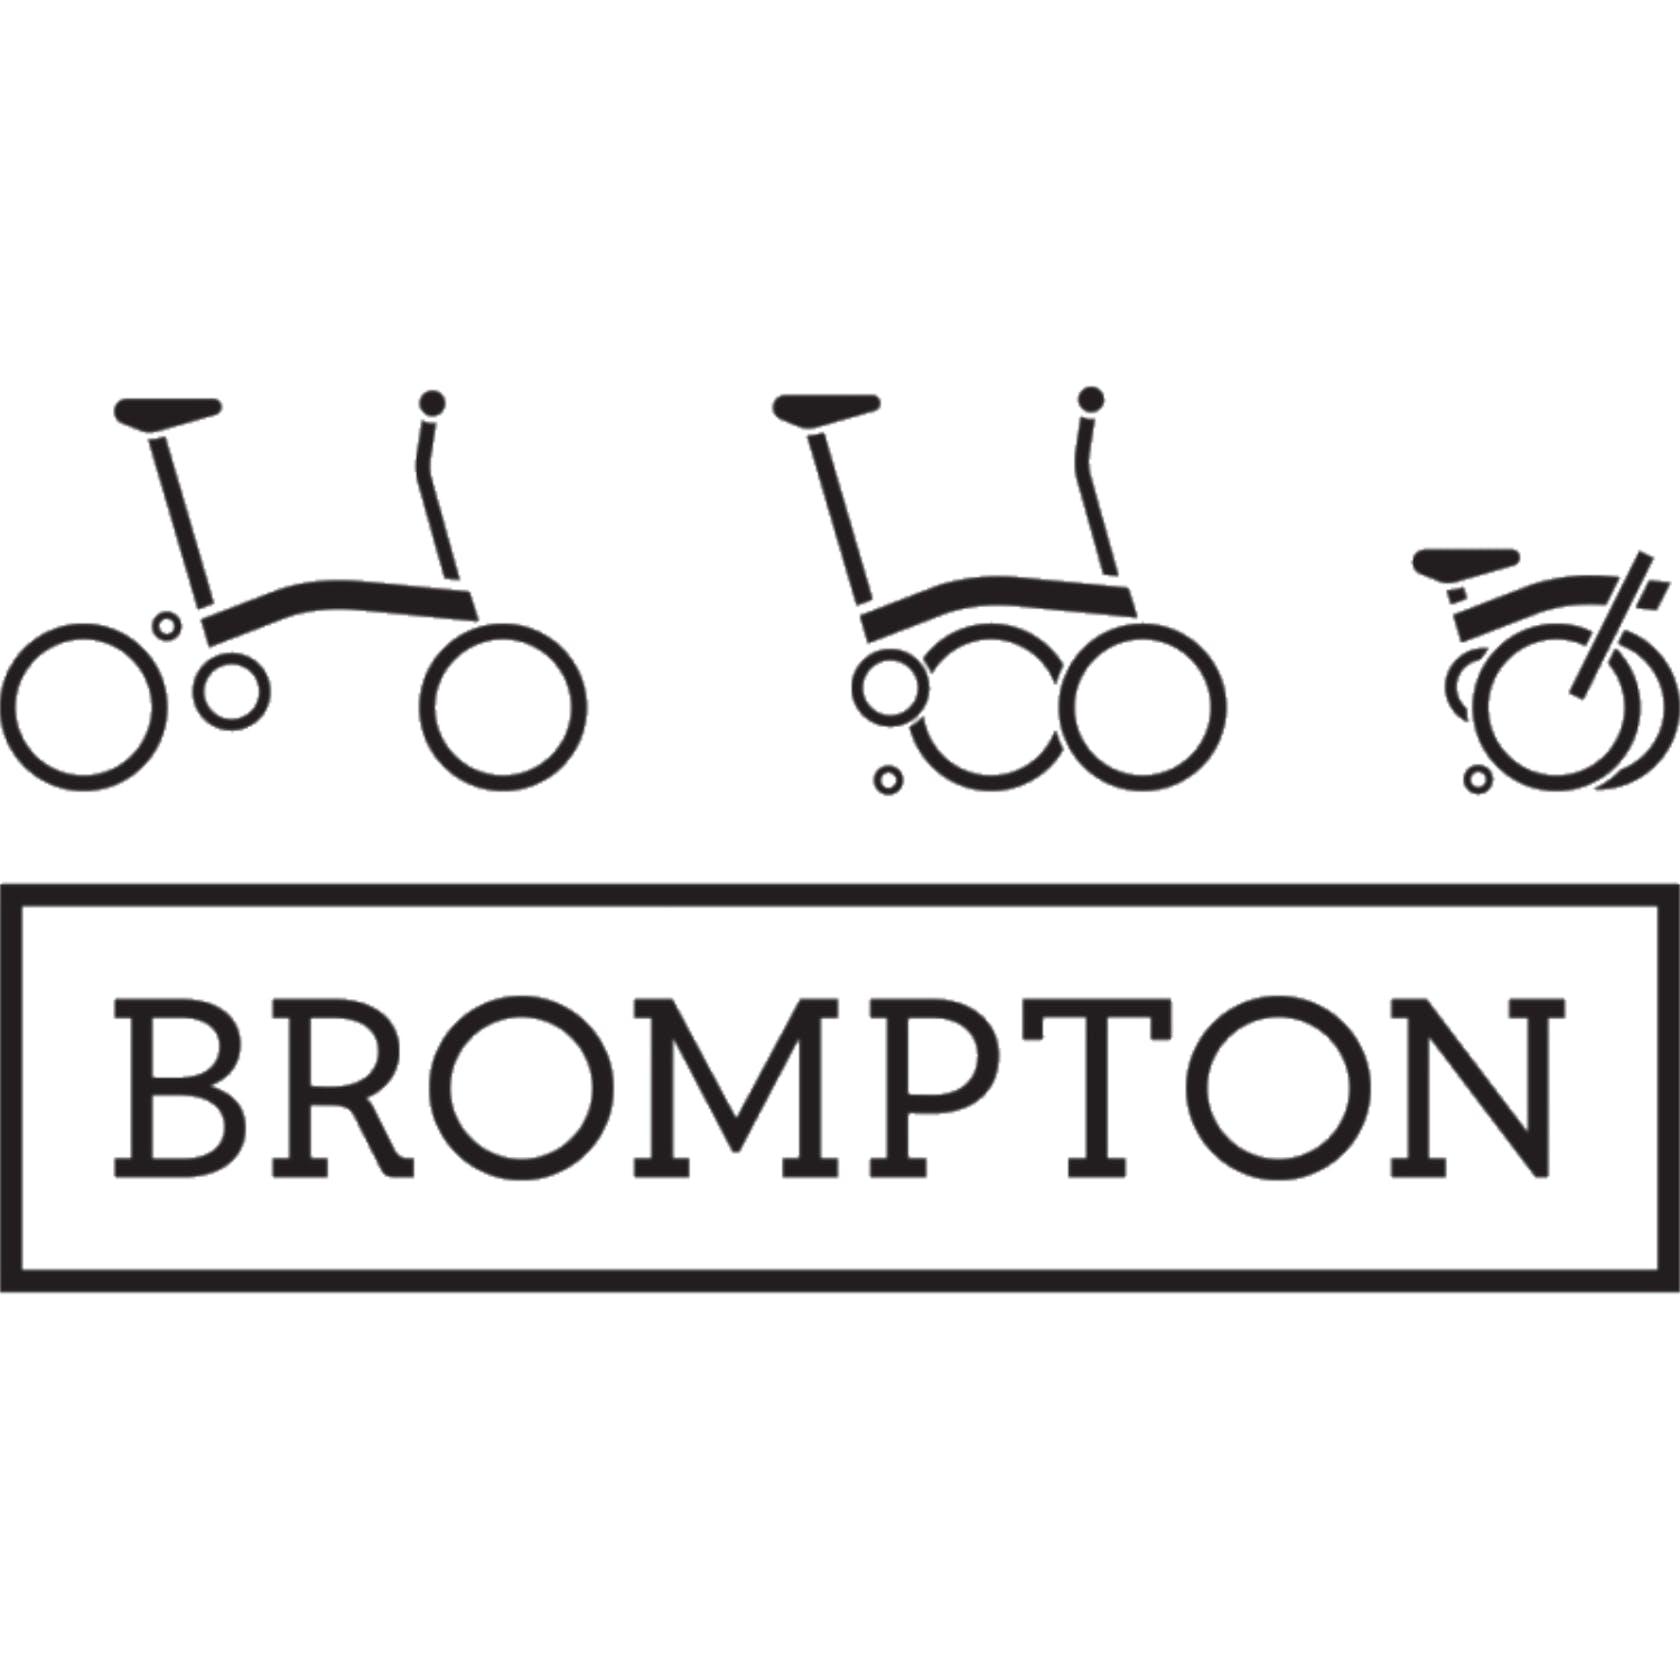 Bromptop